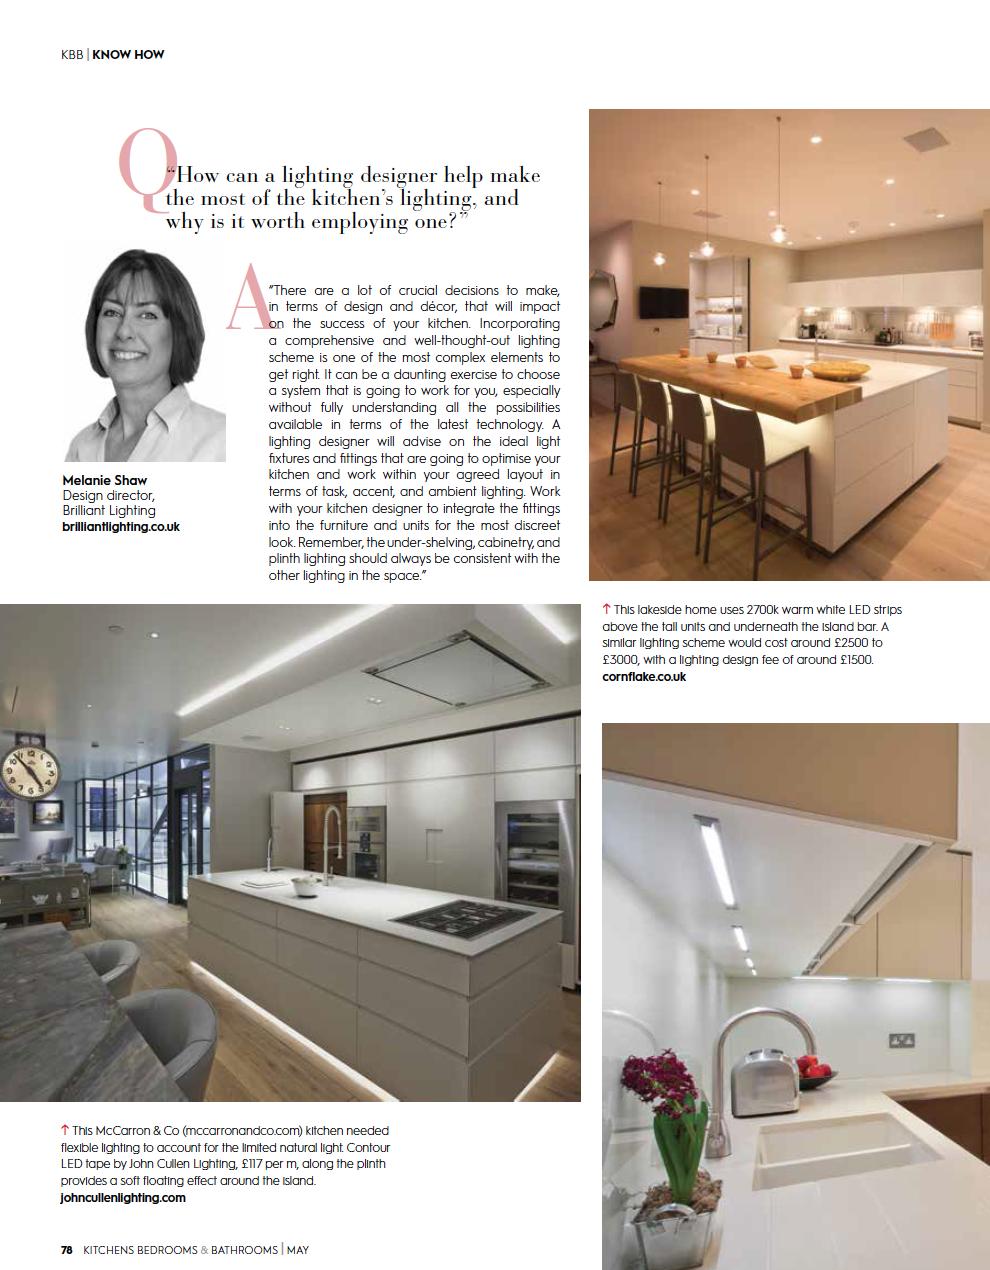 Eleanor Bell Kitchens, Bedrooms & Bathrooms May 2018 Kitchen Lighting 3